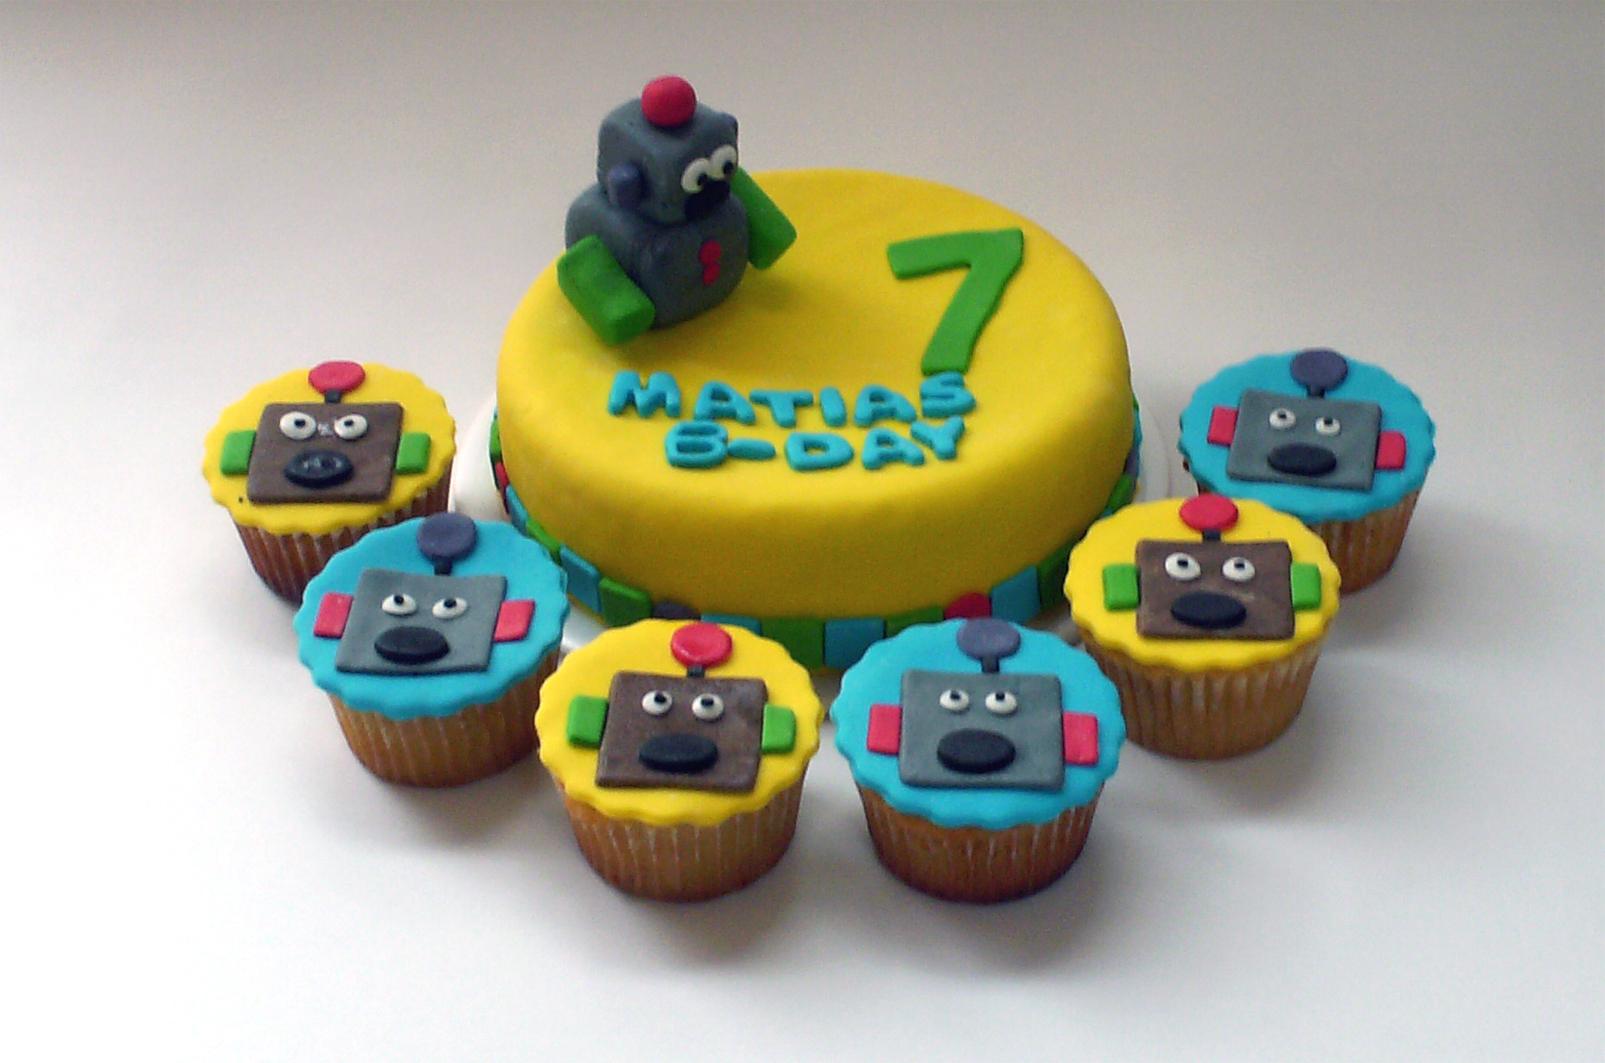 Torta Y Cupcakes De Robots Para Plea  Os Infantil  Torta Y Cupcakes